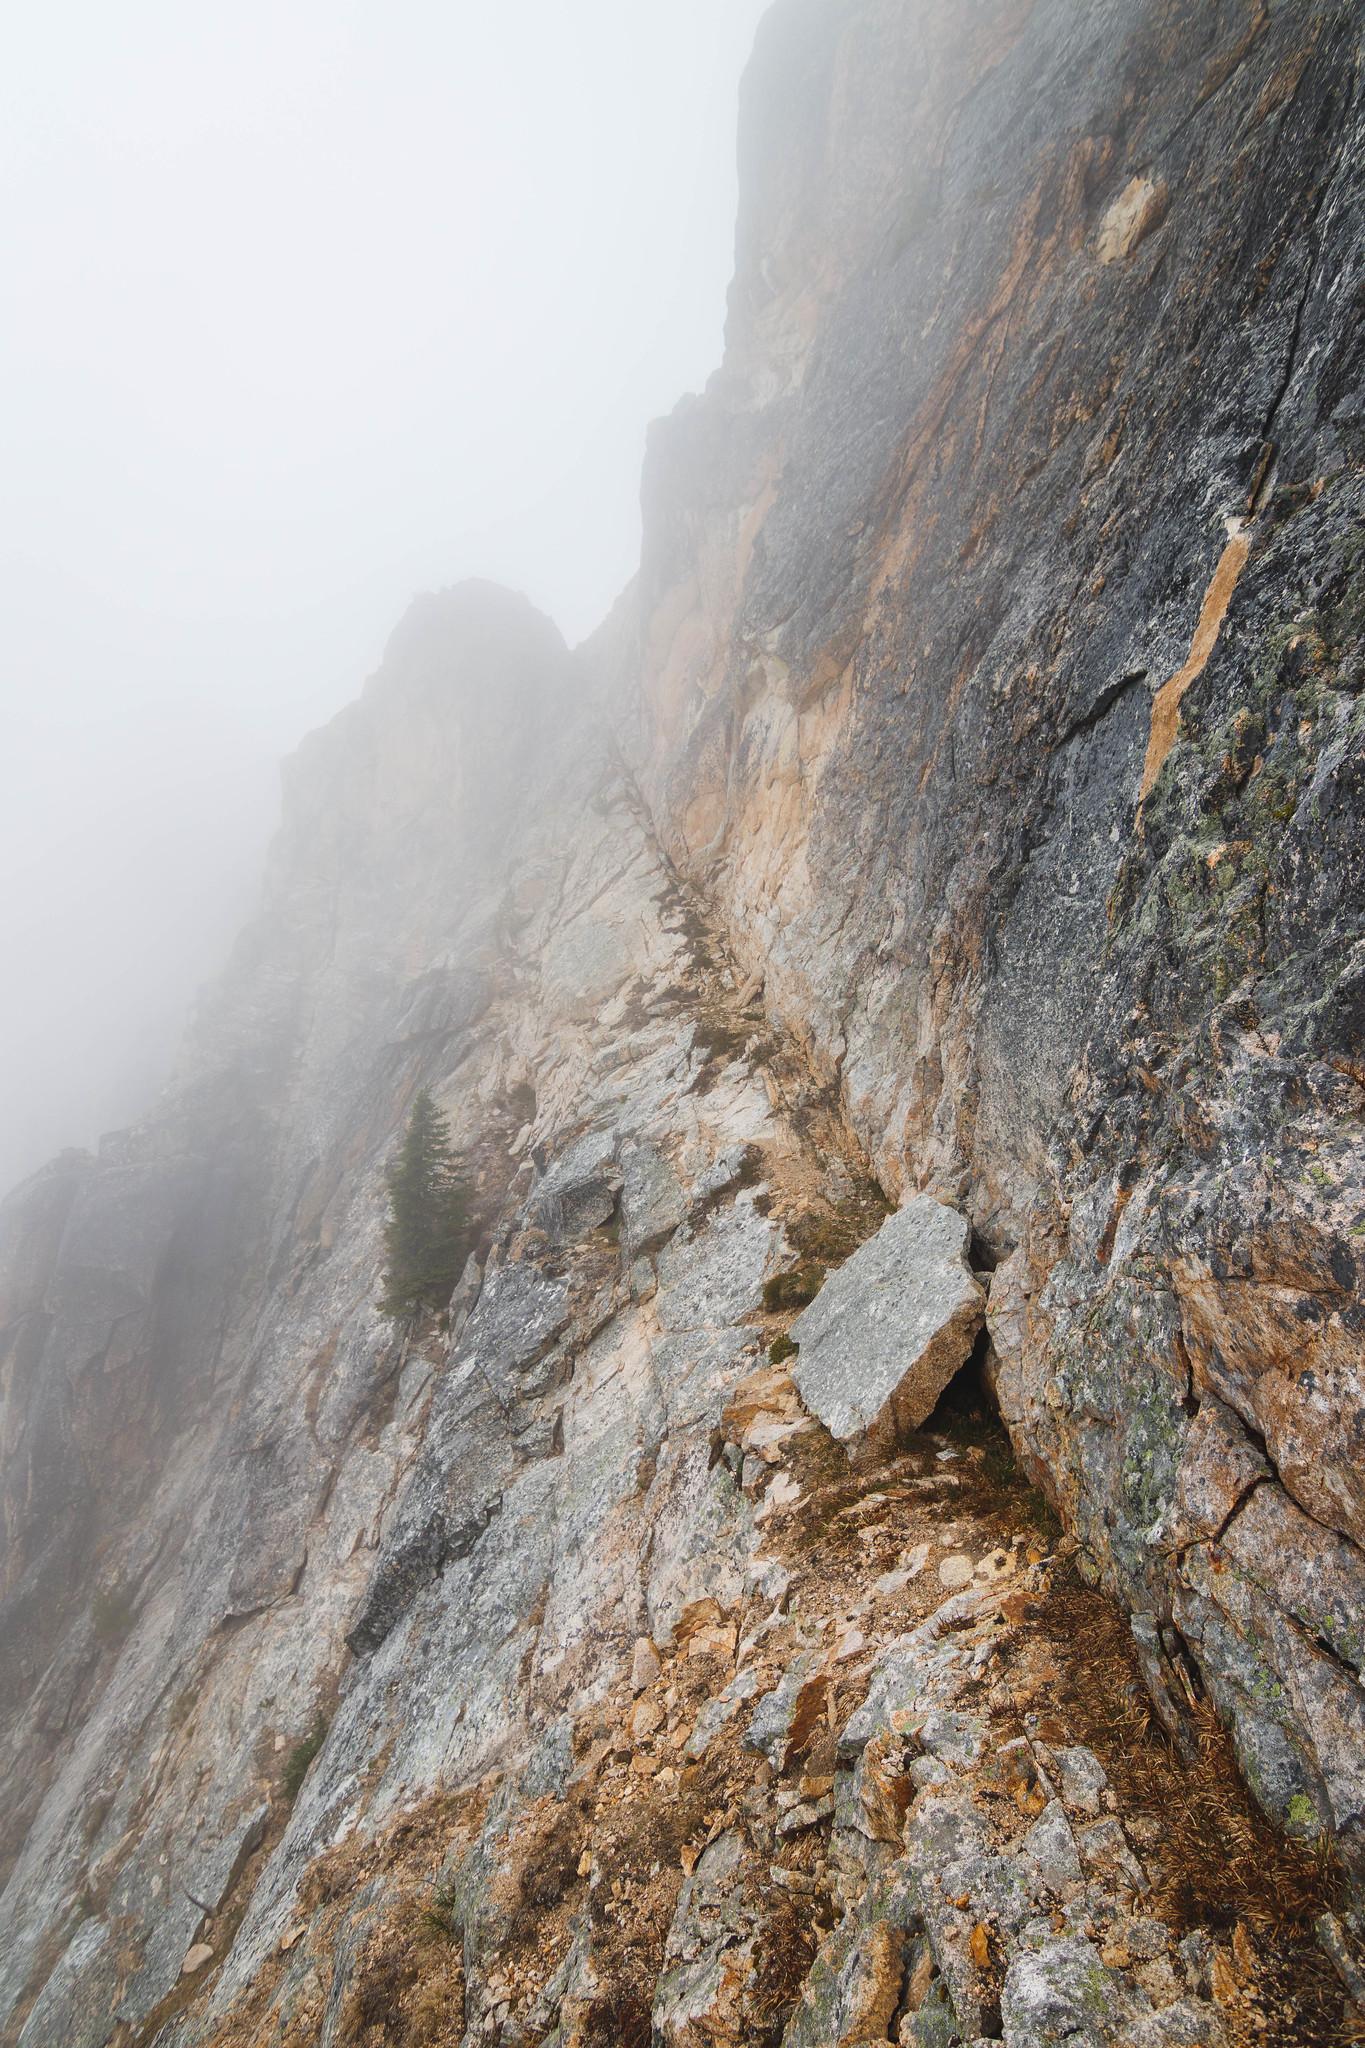 Northwest ledge